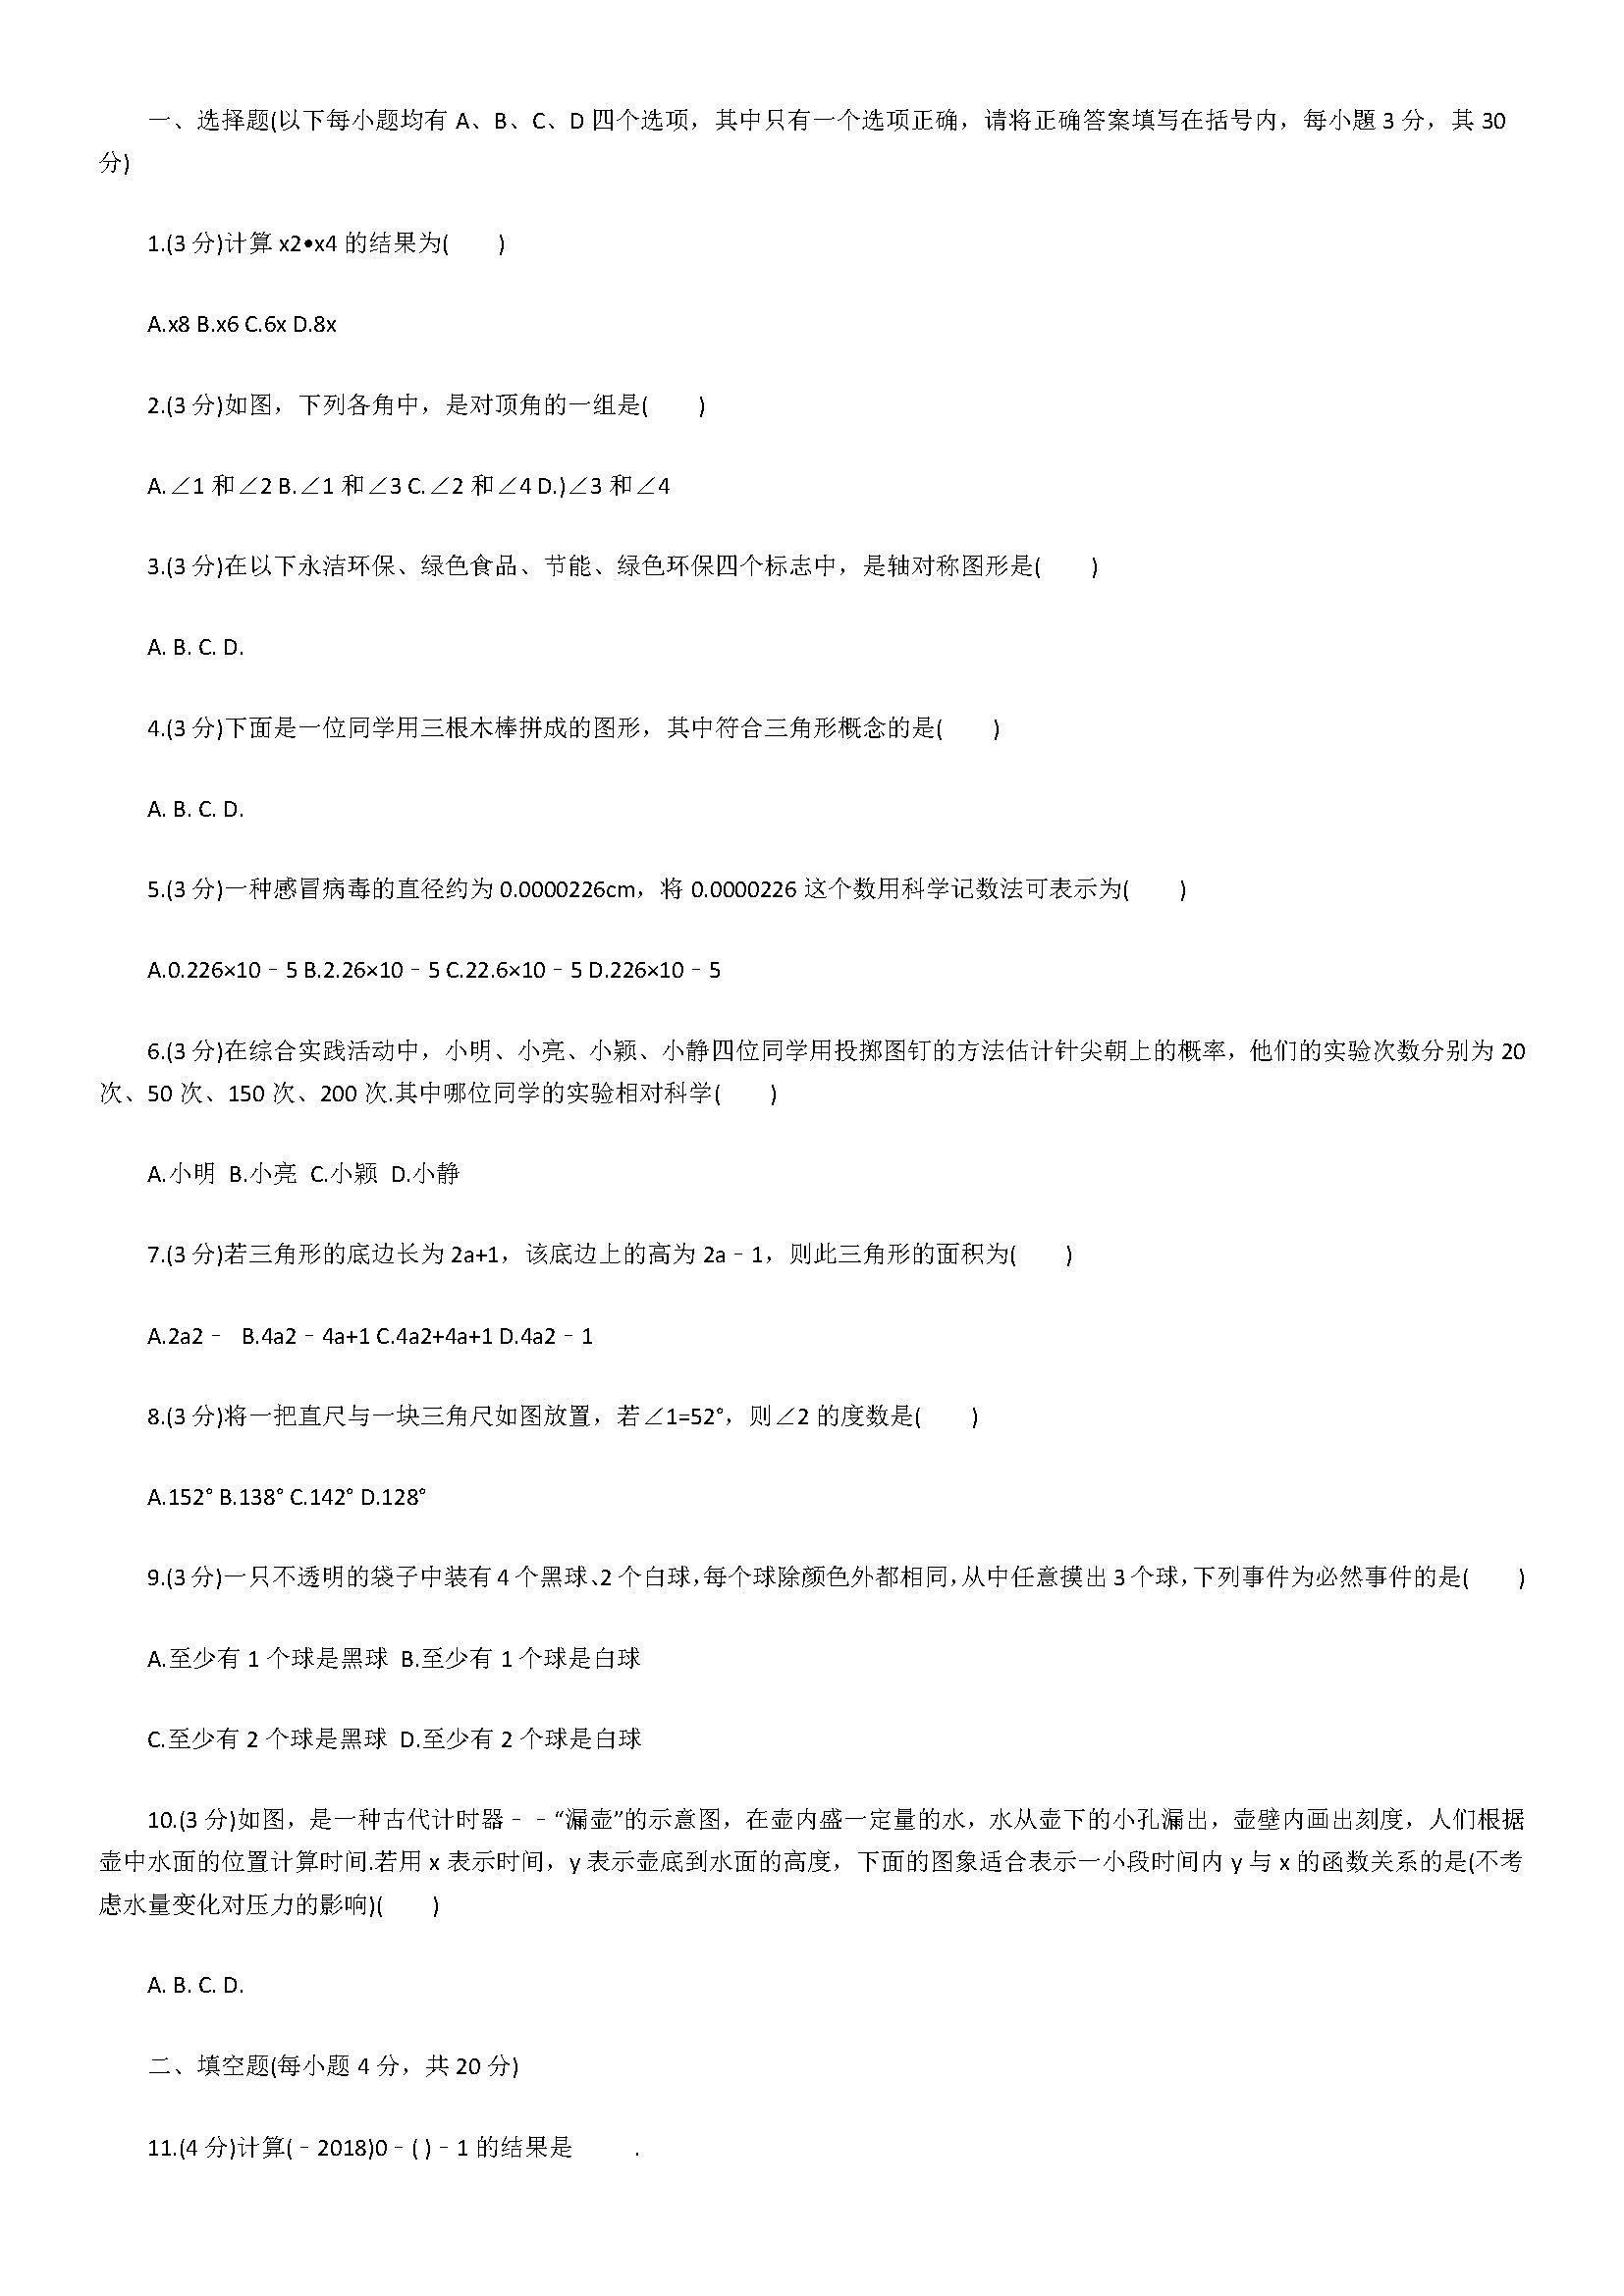 2018初一答案数学下册期末测试题附年级(贵州英语小学上册六年级图片